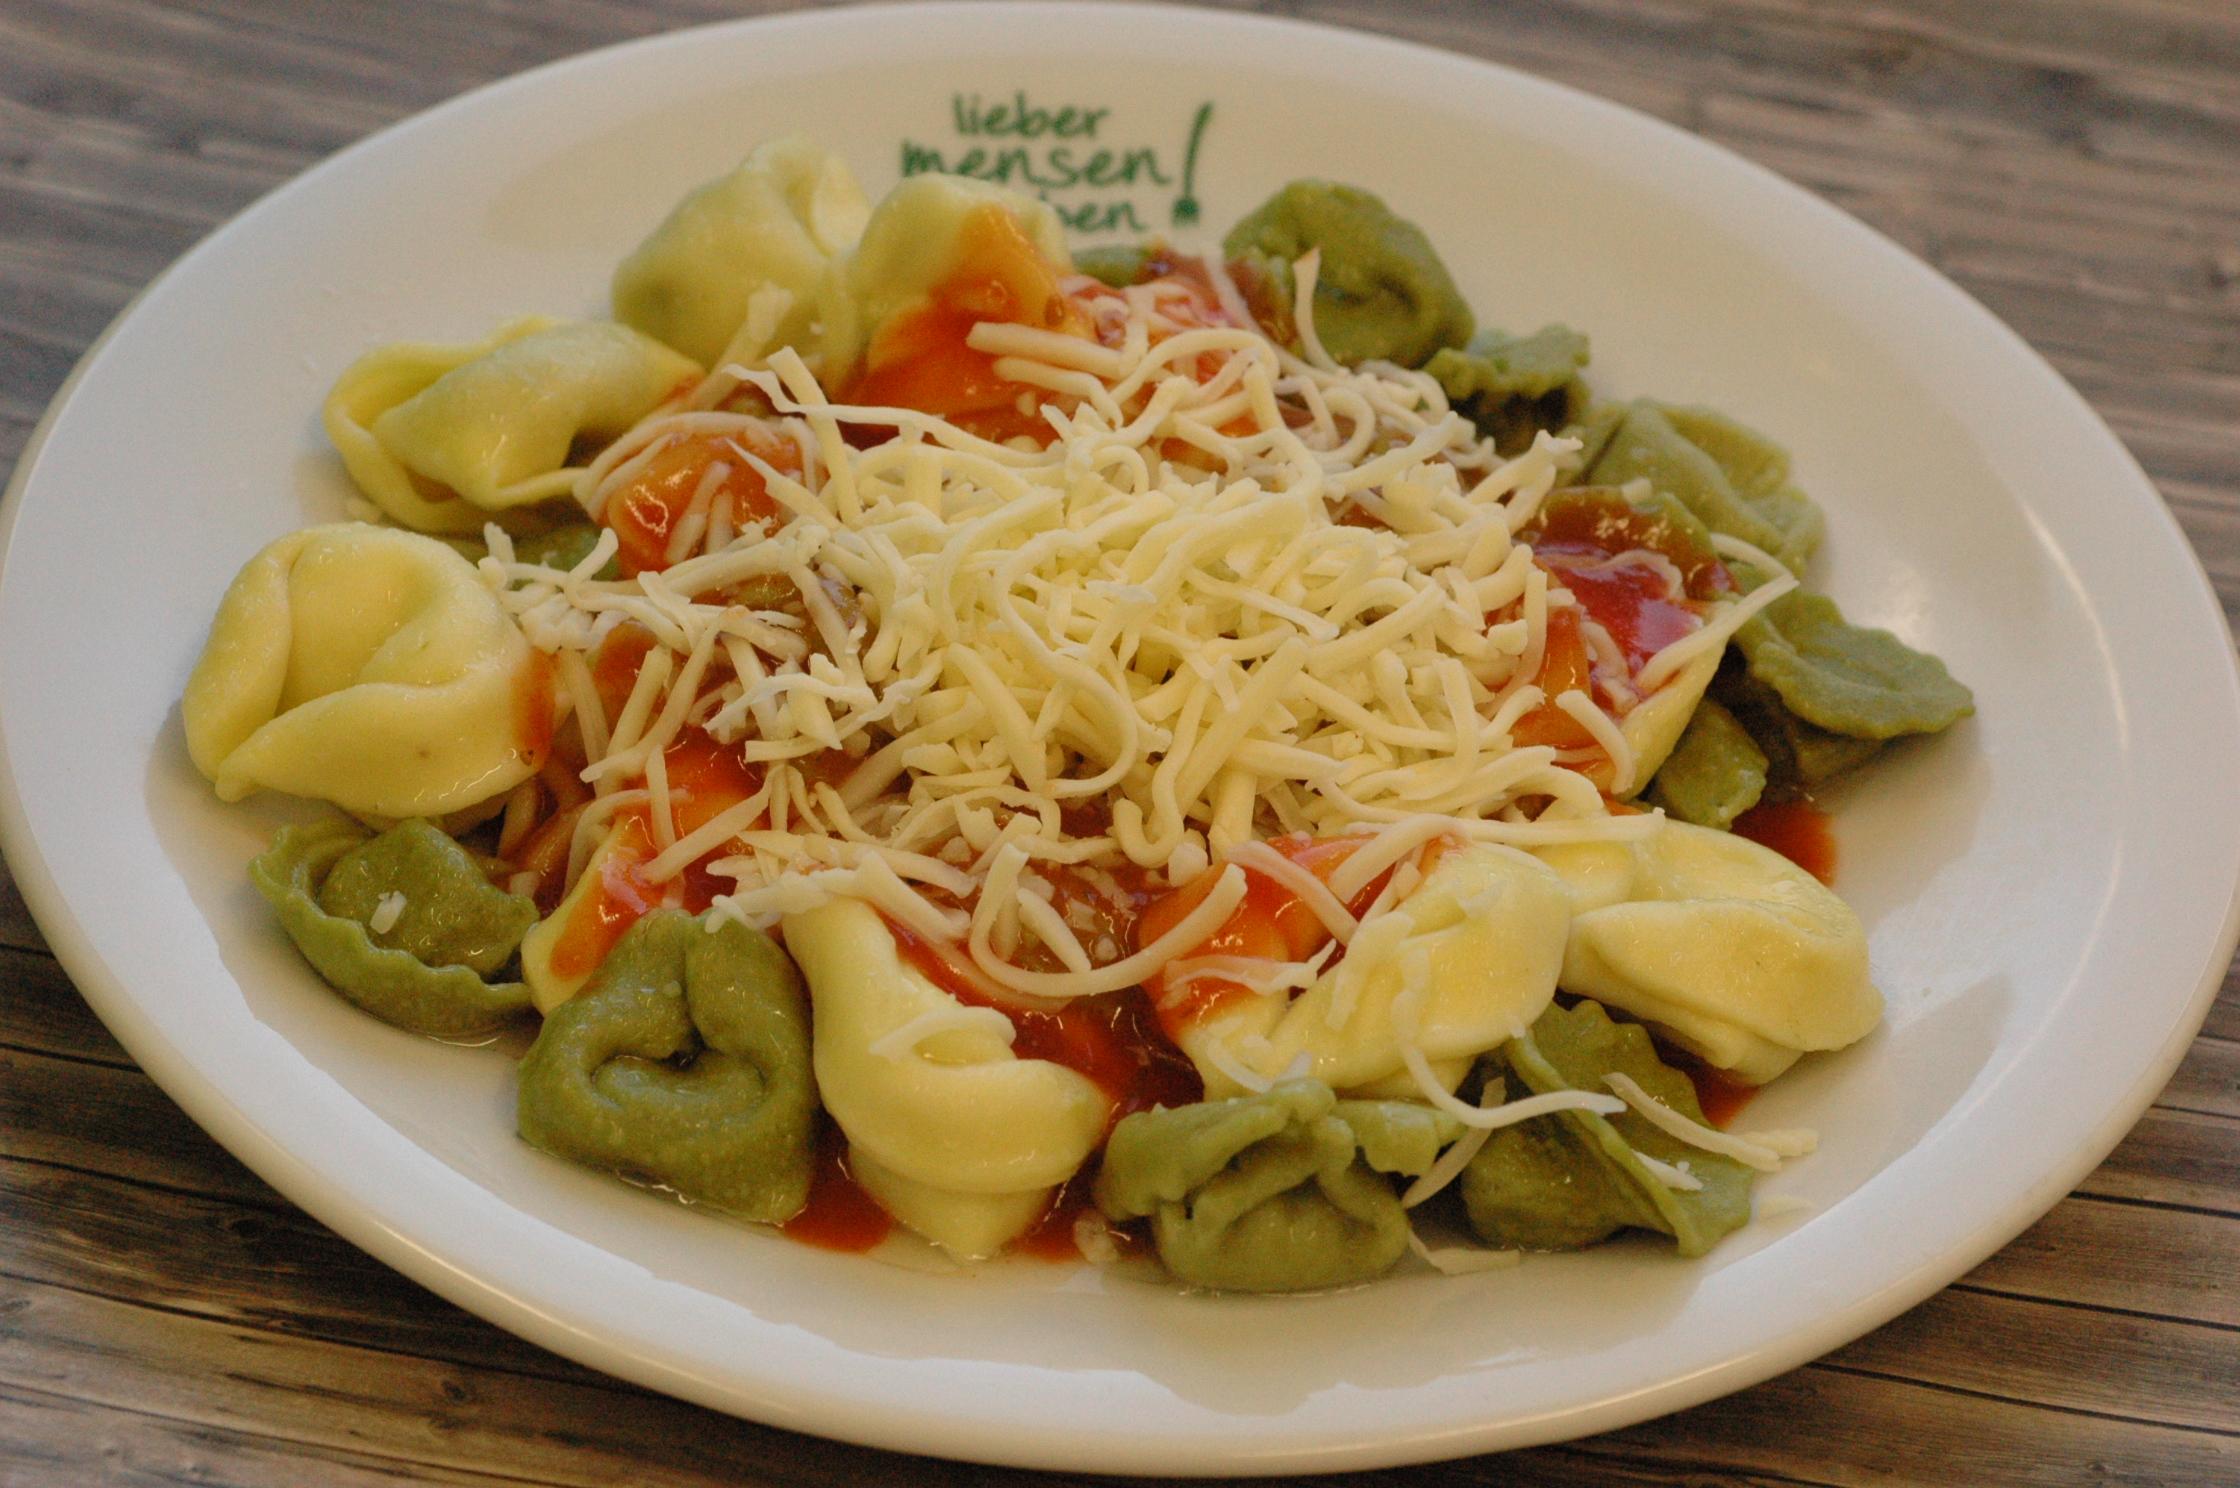 Bunte Tortelloni mit Spinat-Ricottafüllung in Tomatensoße, dazu geriebenen Gouda